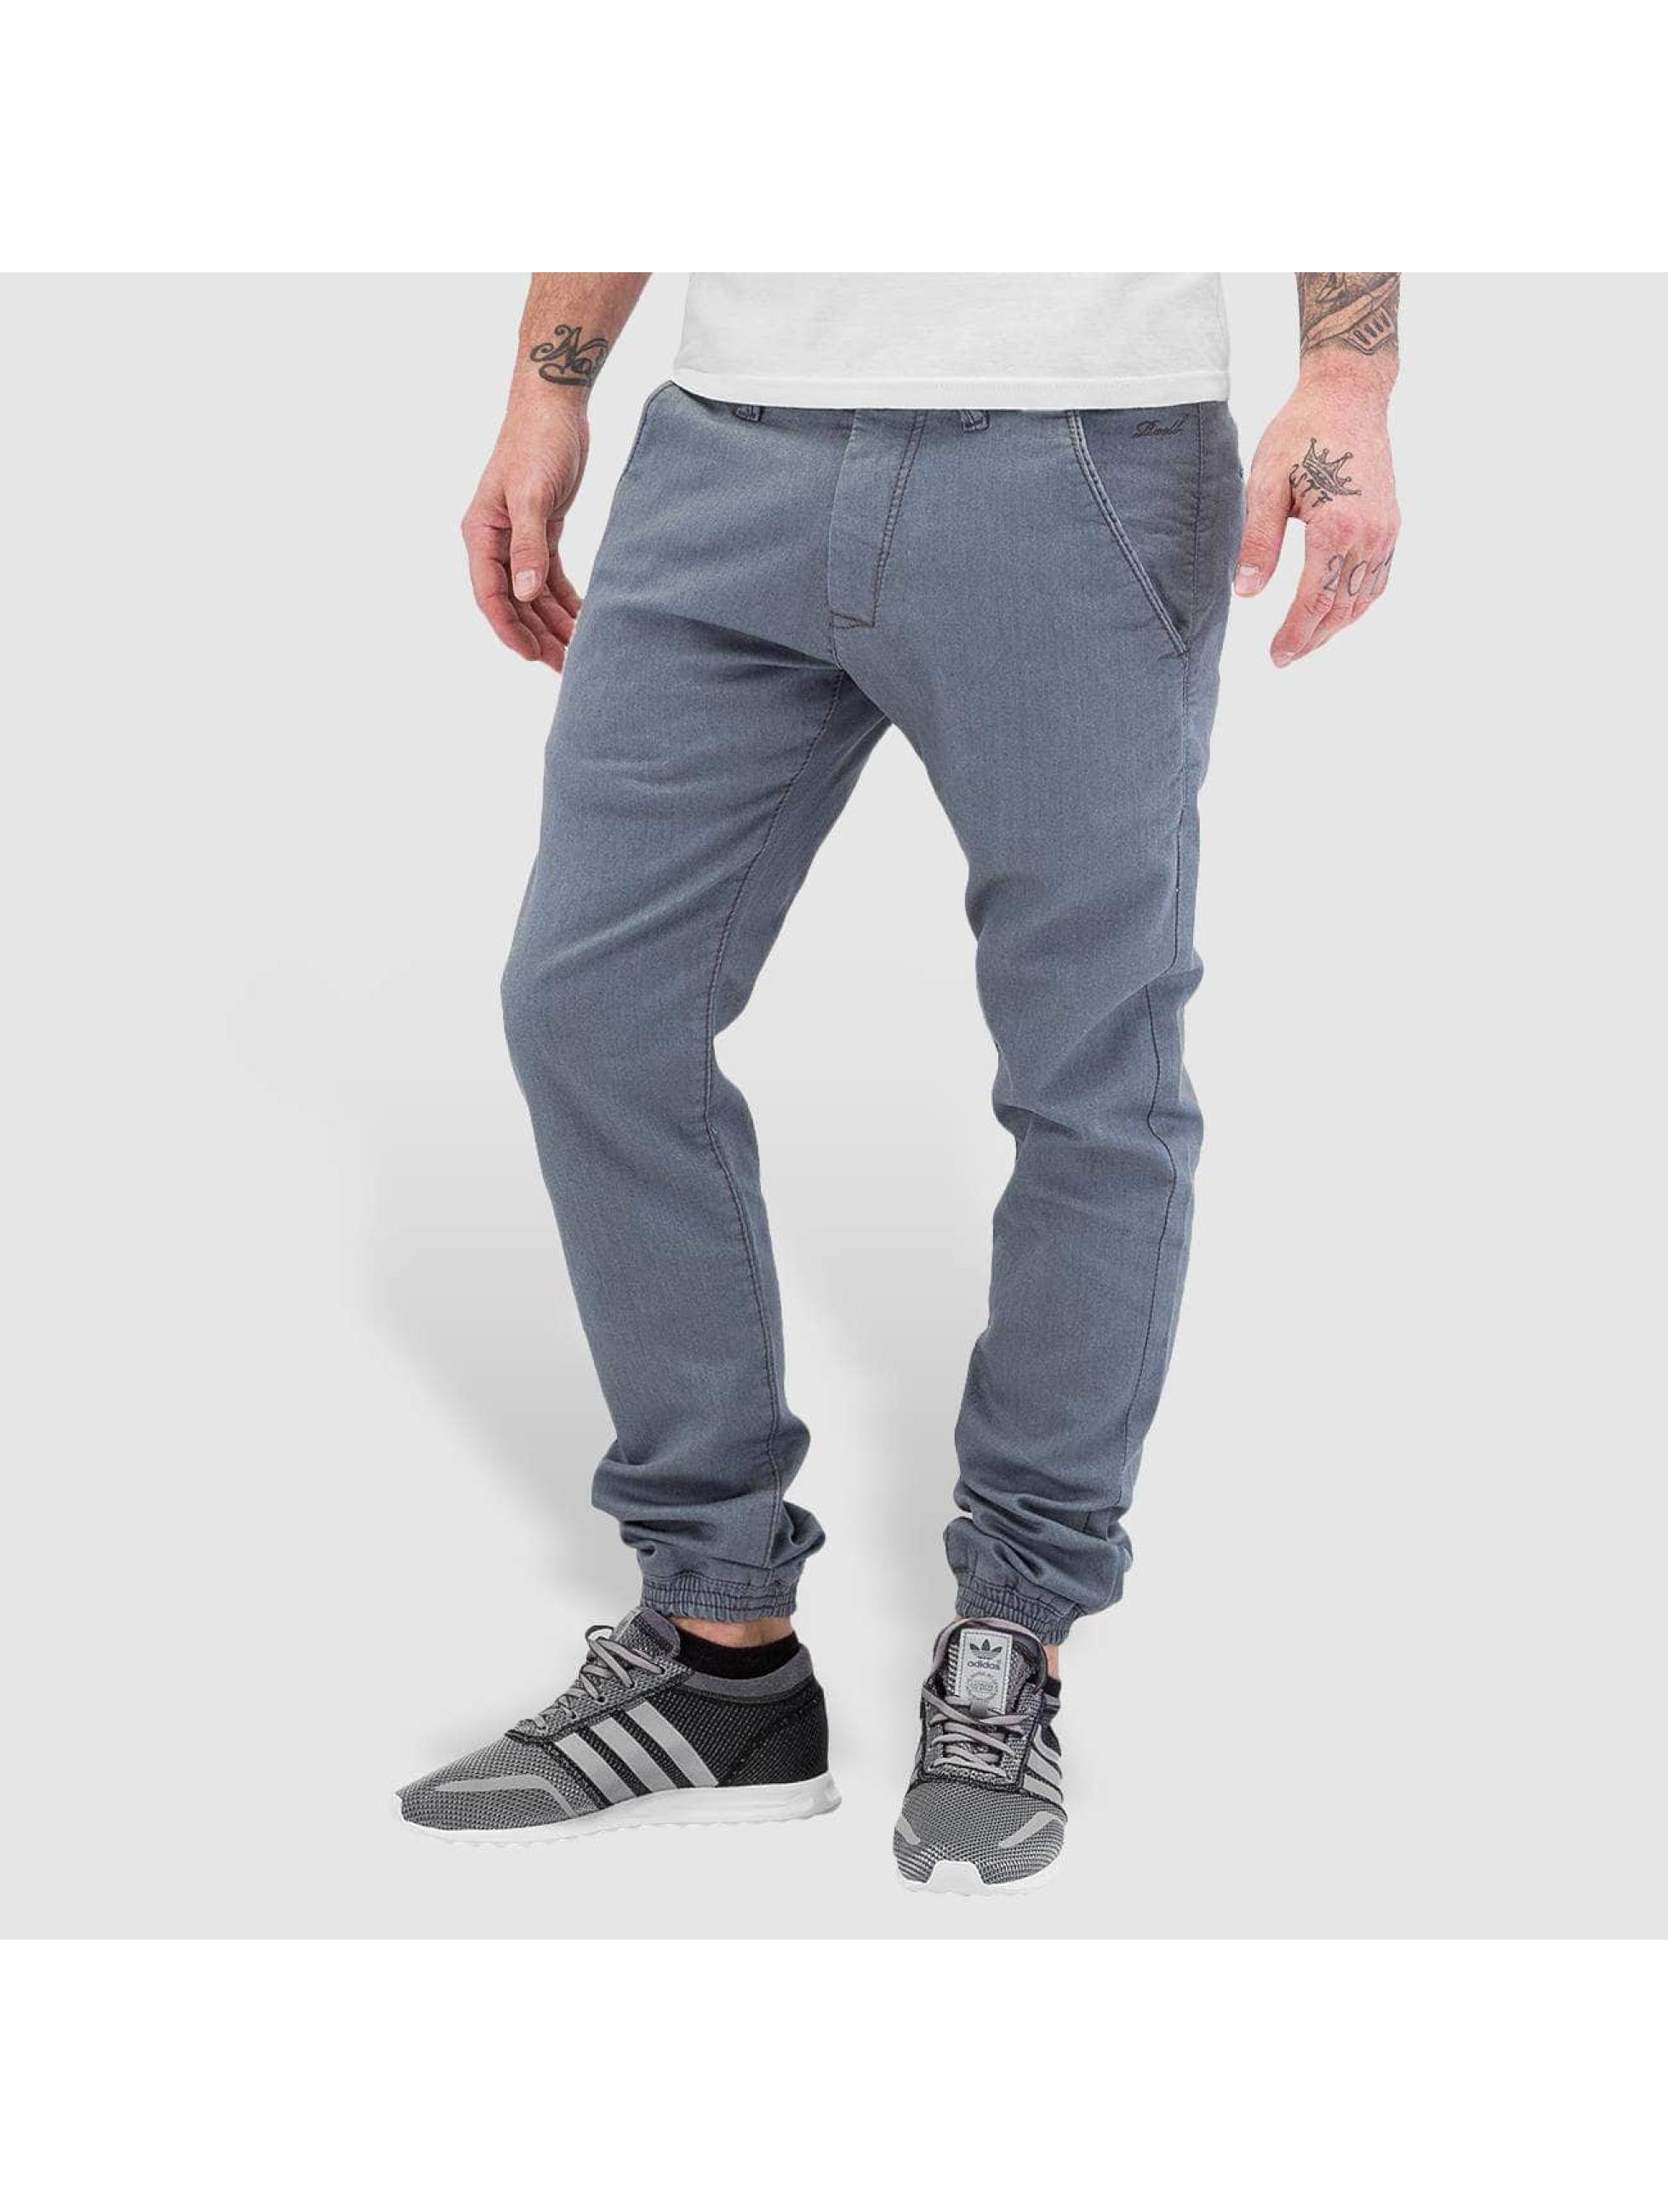 Reell Jeans Chino Jogger grau